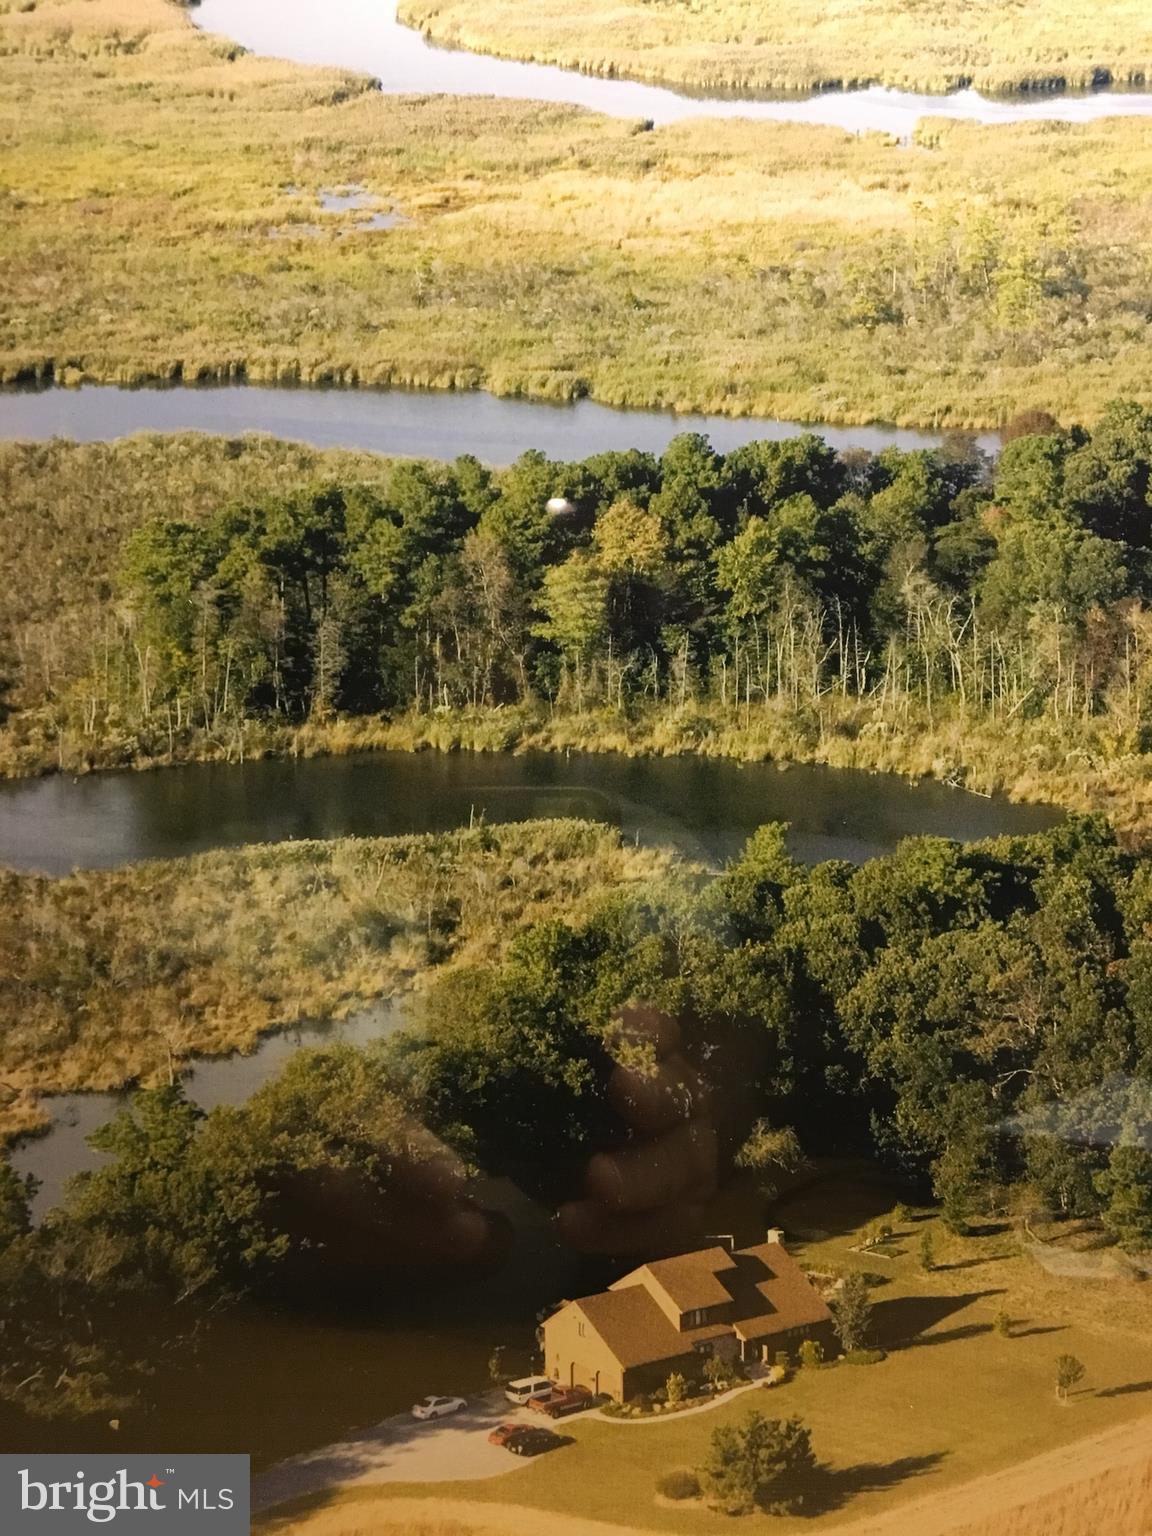 22745 ARGOS CORNER RD - DRAGONFLY FARM, MILFORD, DE 19963